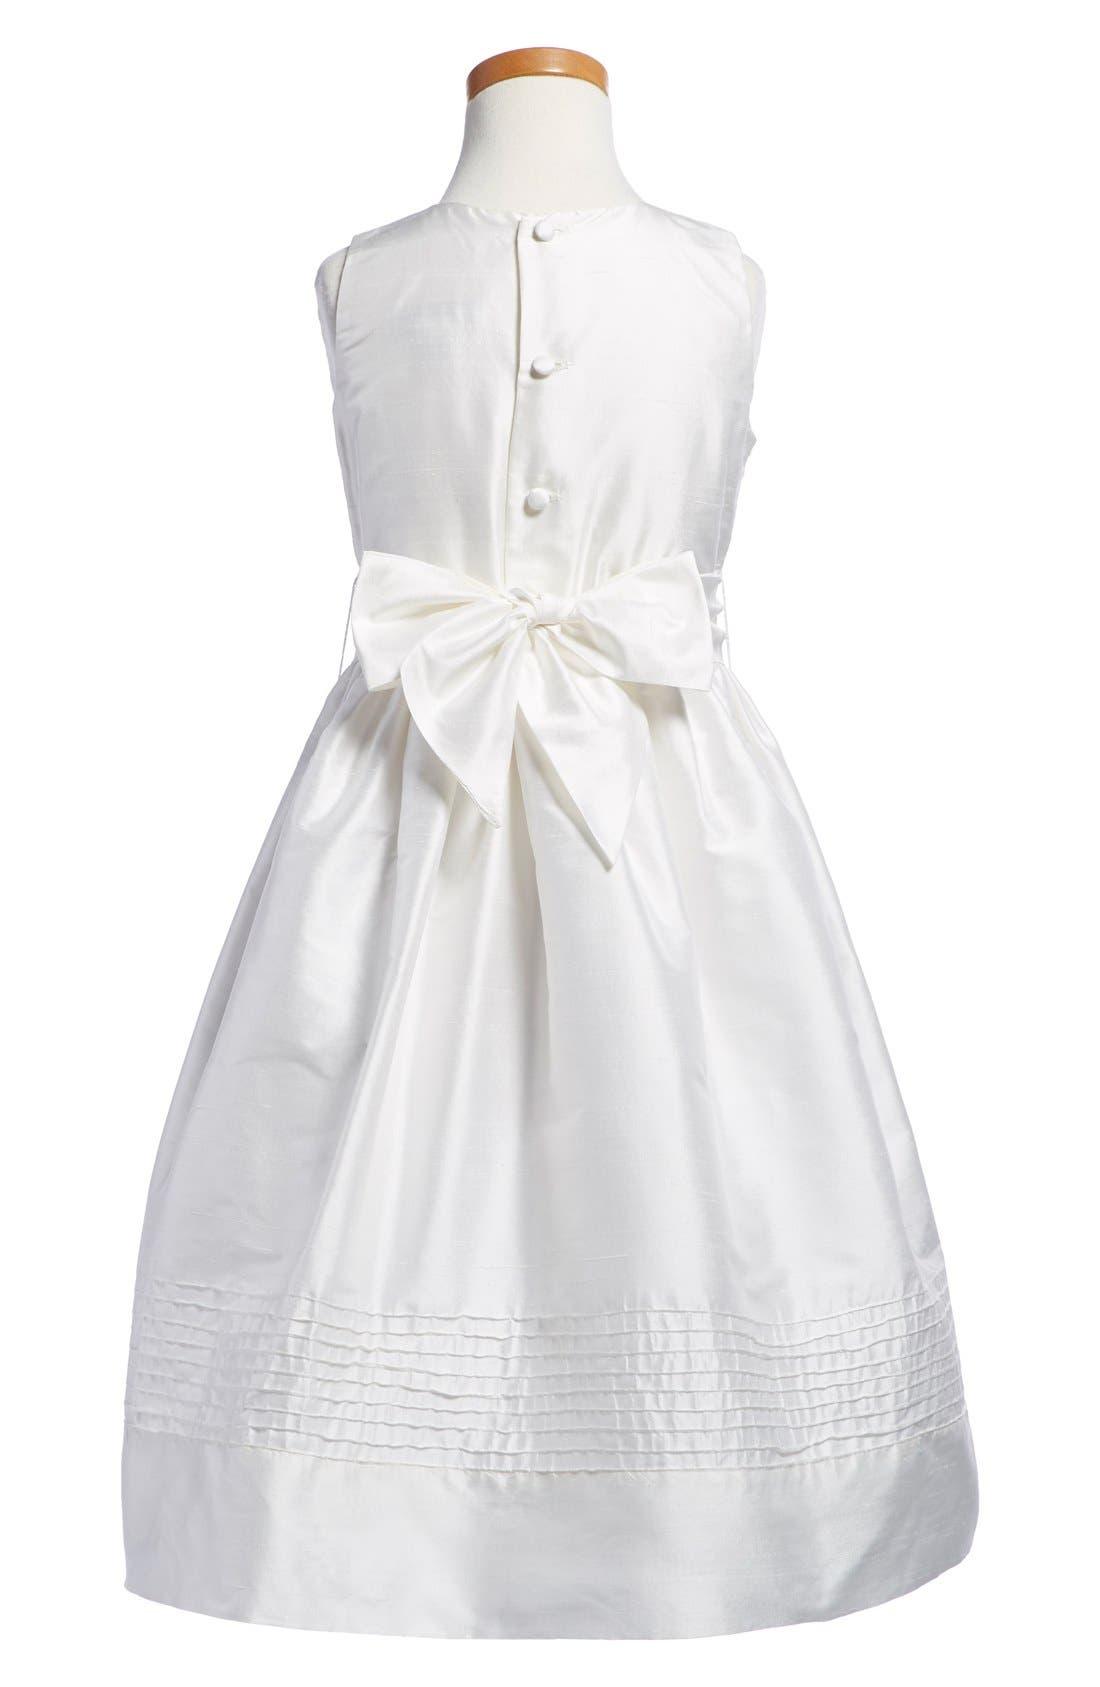 'Timeless' Sleeveless Dress,                             Alternate thumbnail 2, color,                             105